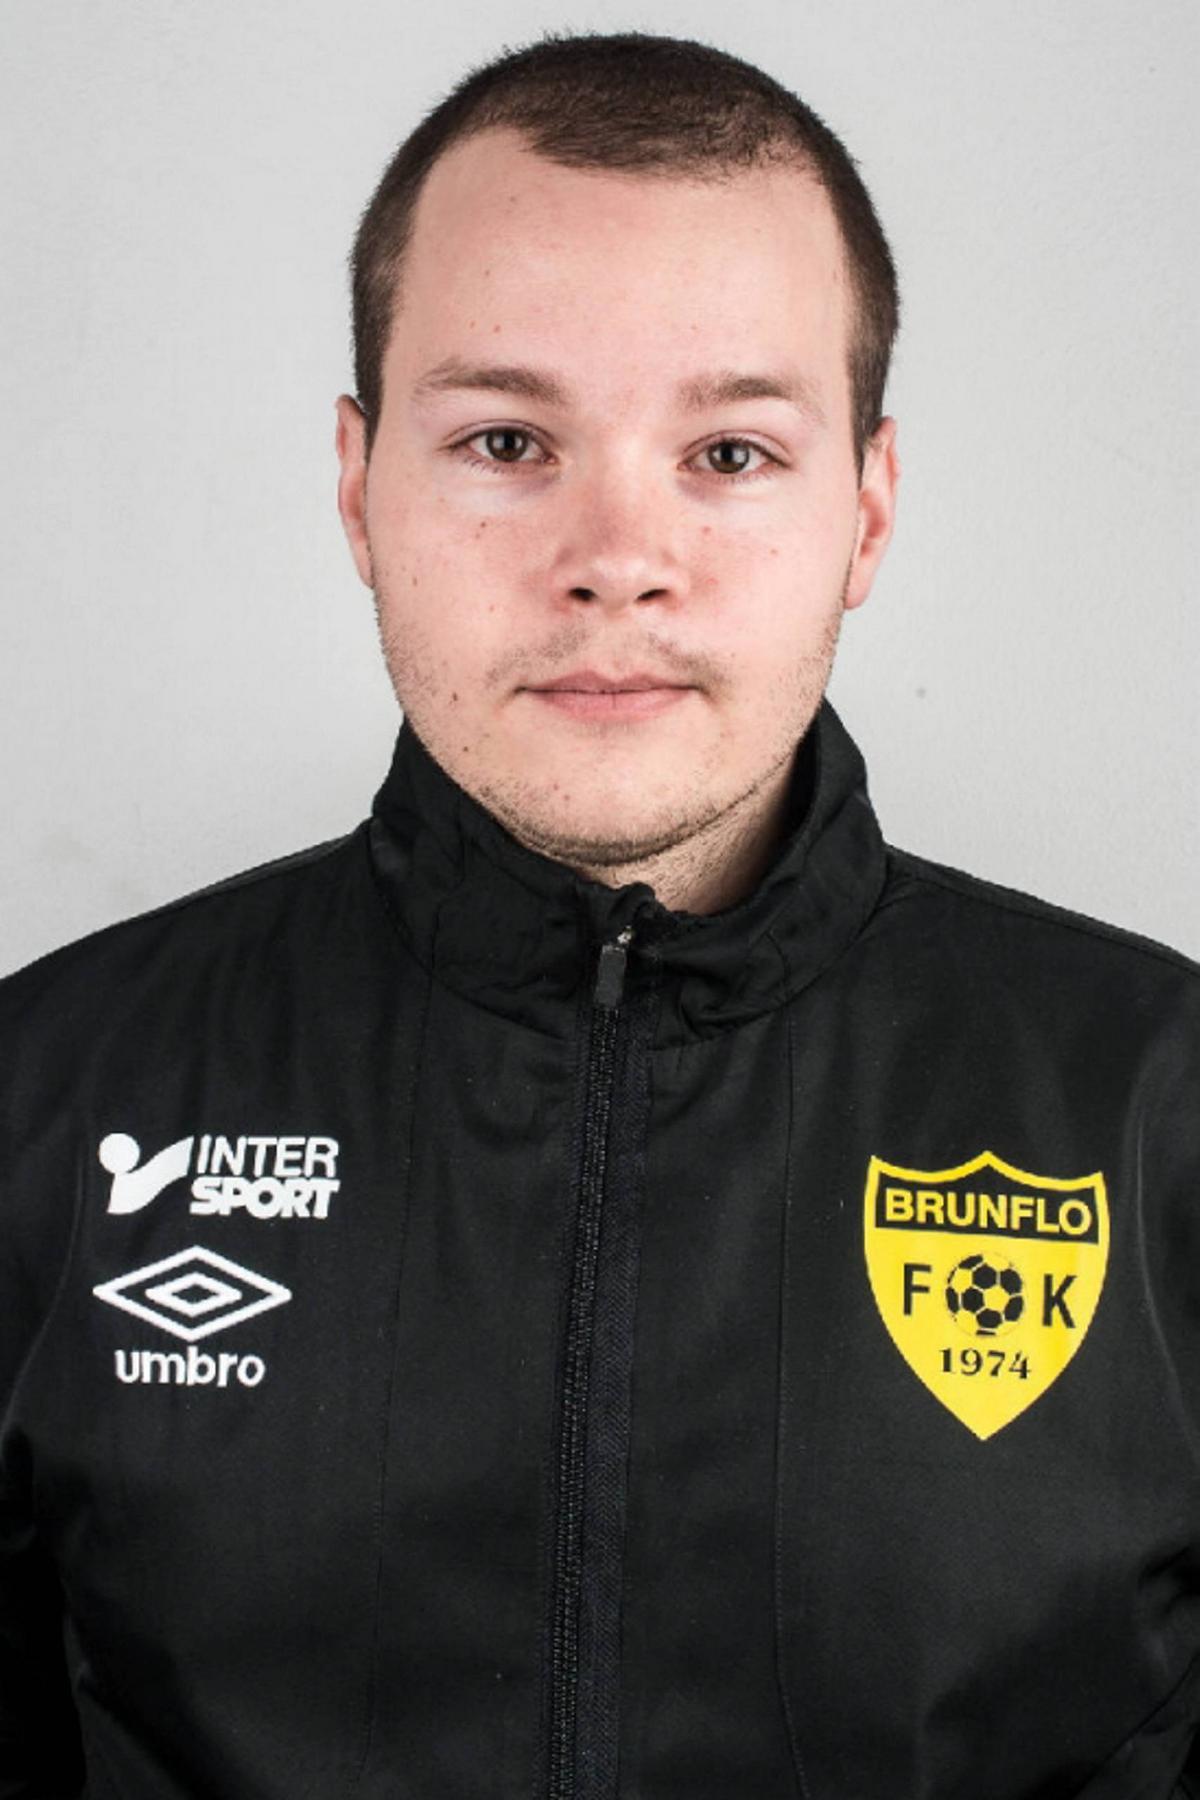 Rekordung tränare ska lyfta Brunflo 48cd3292d6c32